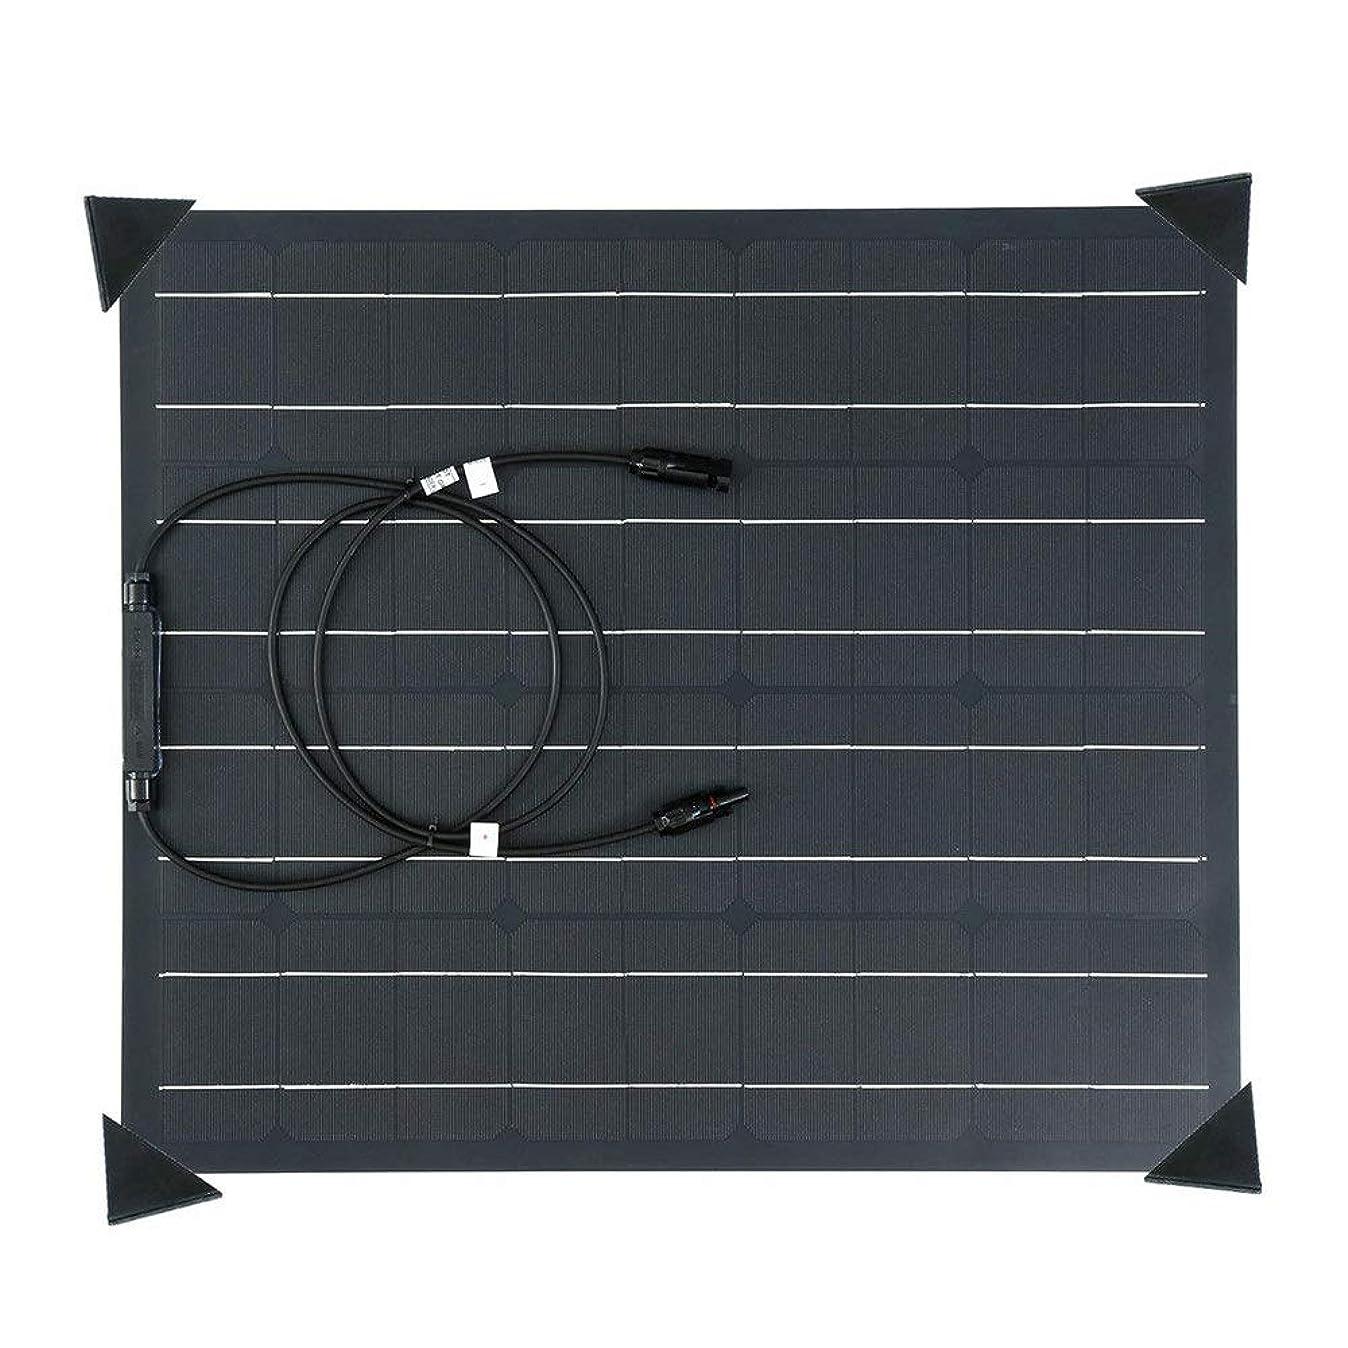 石鹸ホームレスうぬぼれソーラーパネル ソーラーチャージャー 4つの保護コーナーでフィールド車緊急充電器50Wソーラーパネルマットテクスチャ 蓄電/キャンピングカー充電に最適 (Color : Black, Size : 620x540x2.5mm)